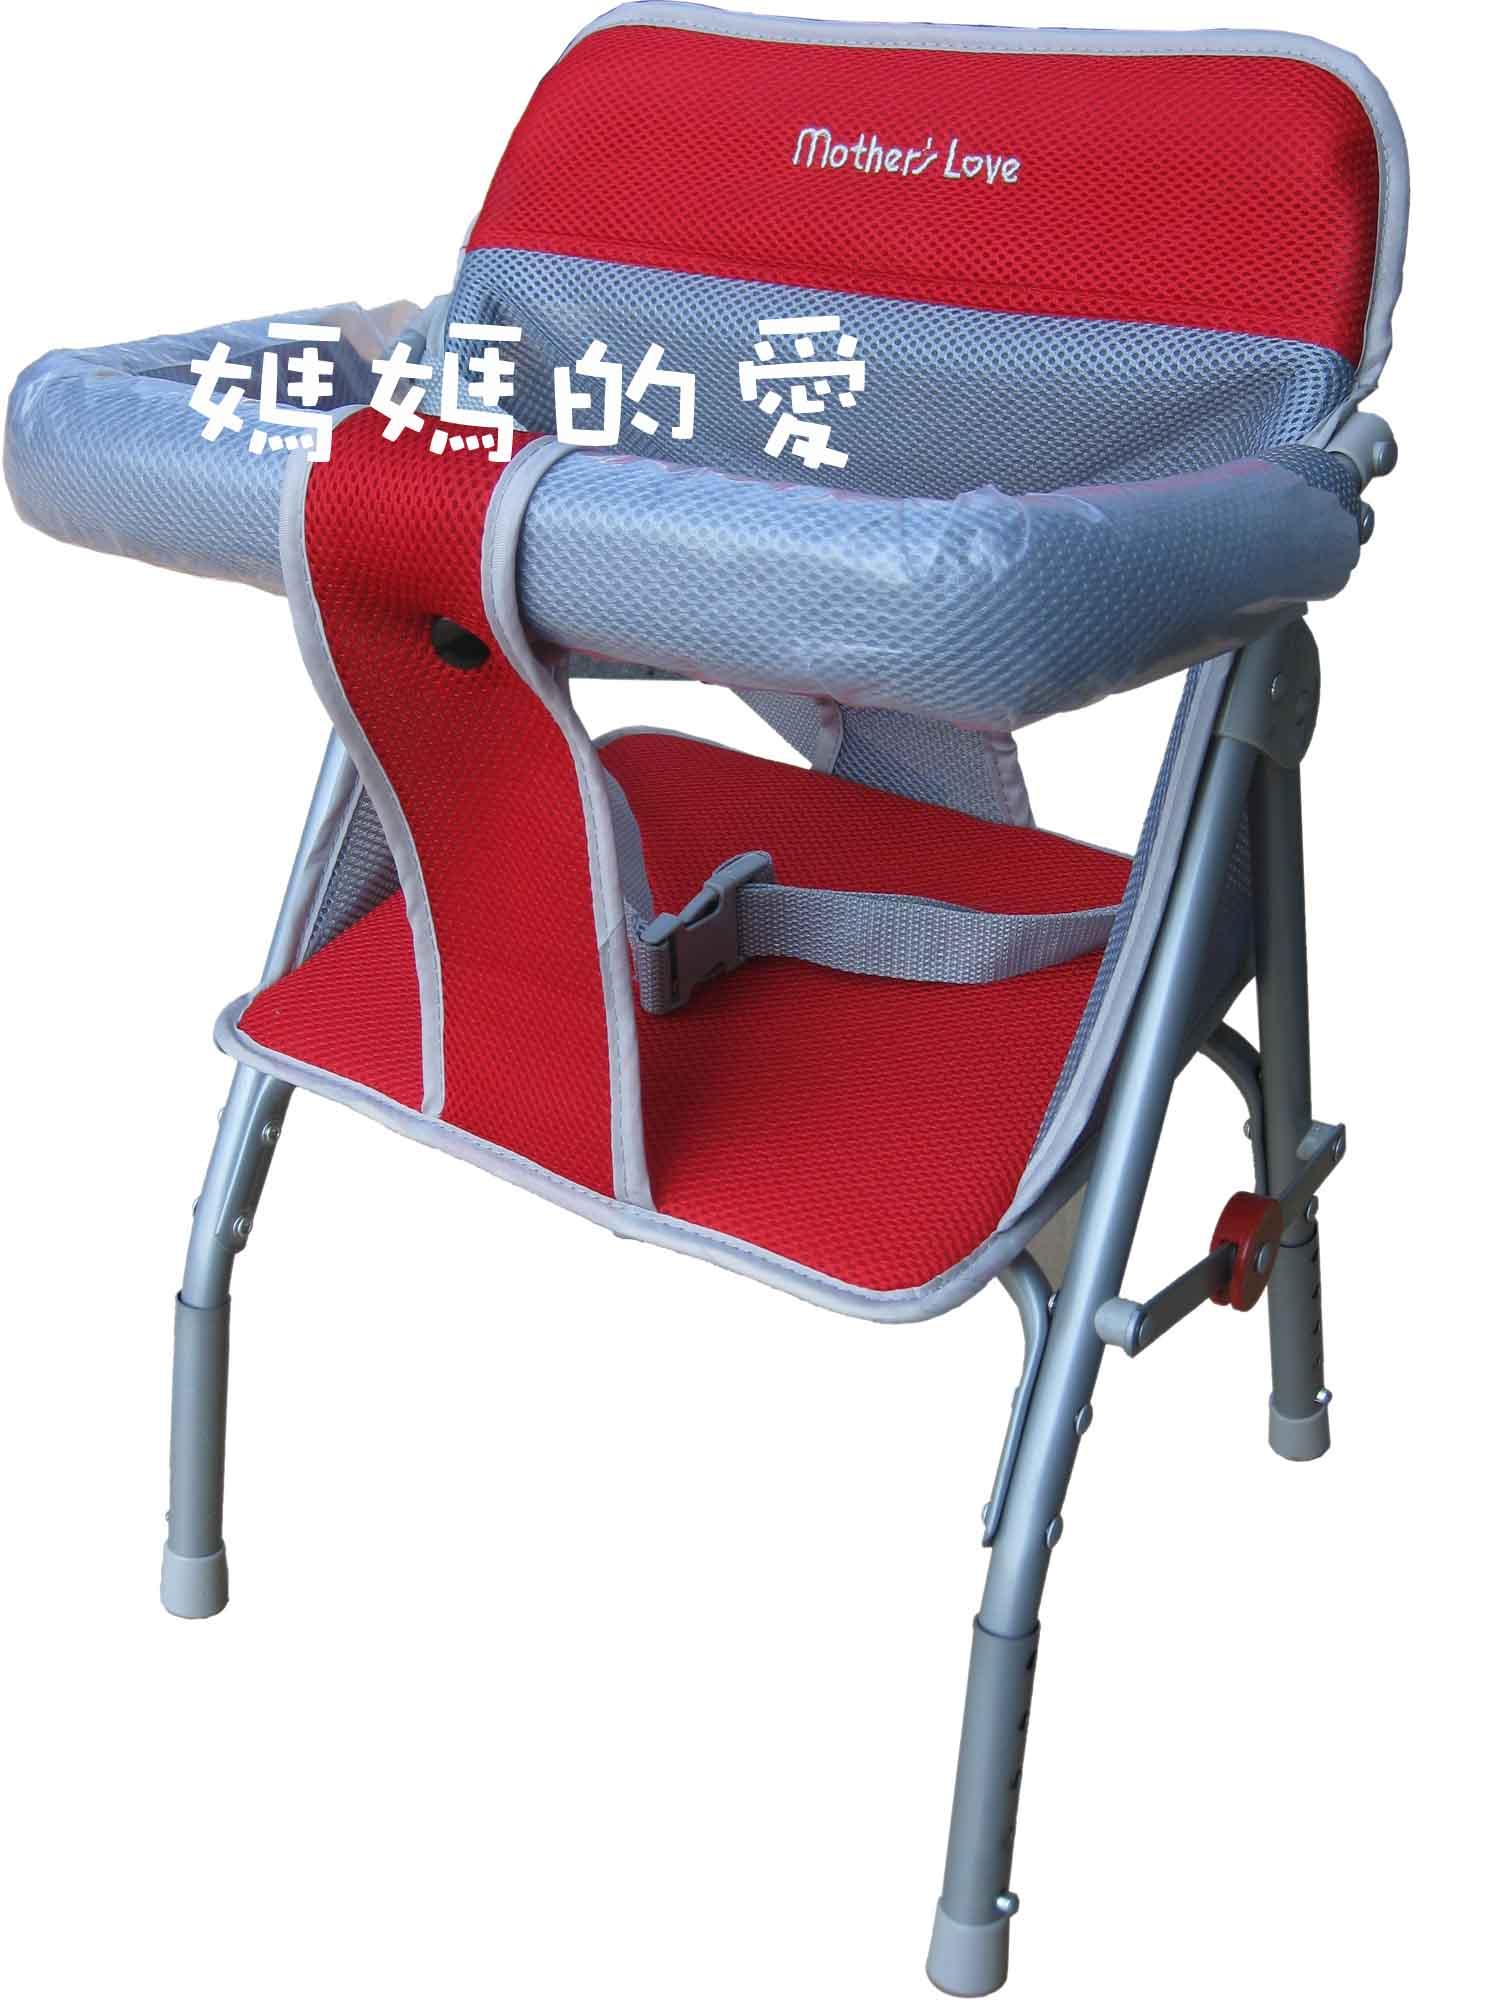 【媽媽的愛】Mother's Love 1004透氣布幼兒可調式機車椅